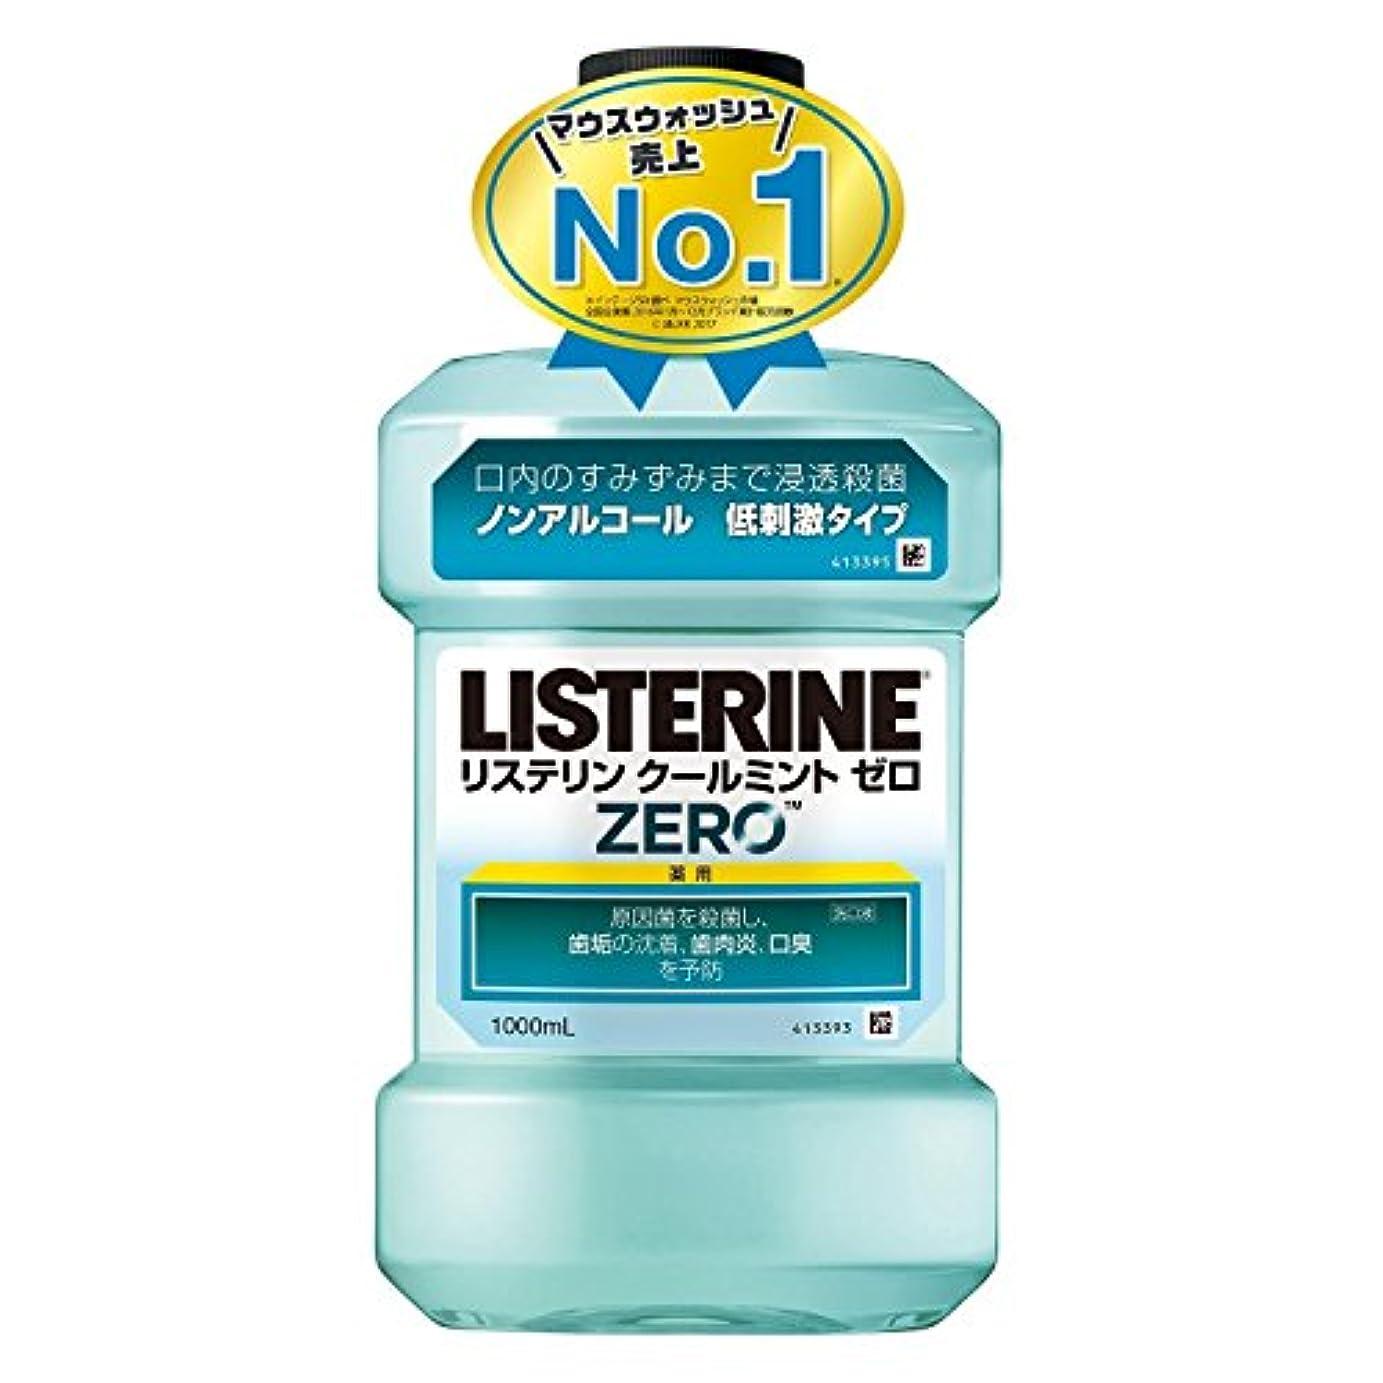 はっきりしない自慢広々薬用 リステリン クールミントゼロ マウスウォッシュ 低刺激 1000mL 【医薬部外品】